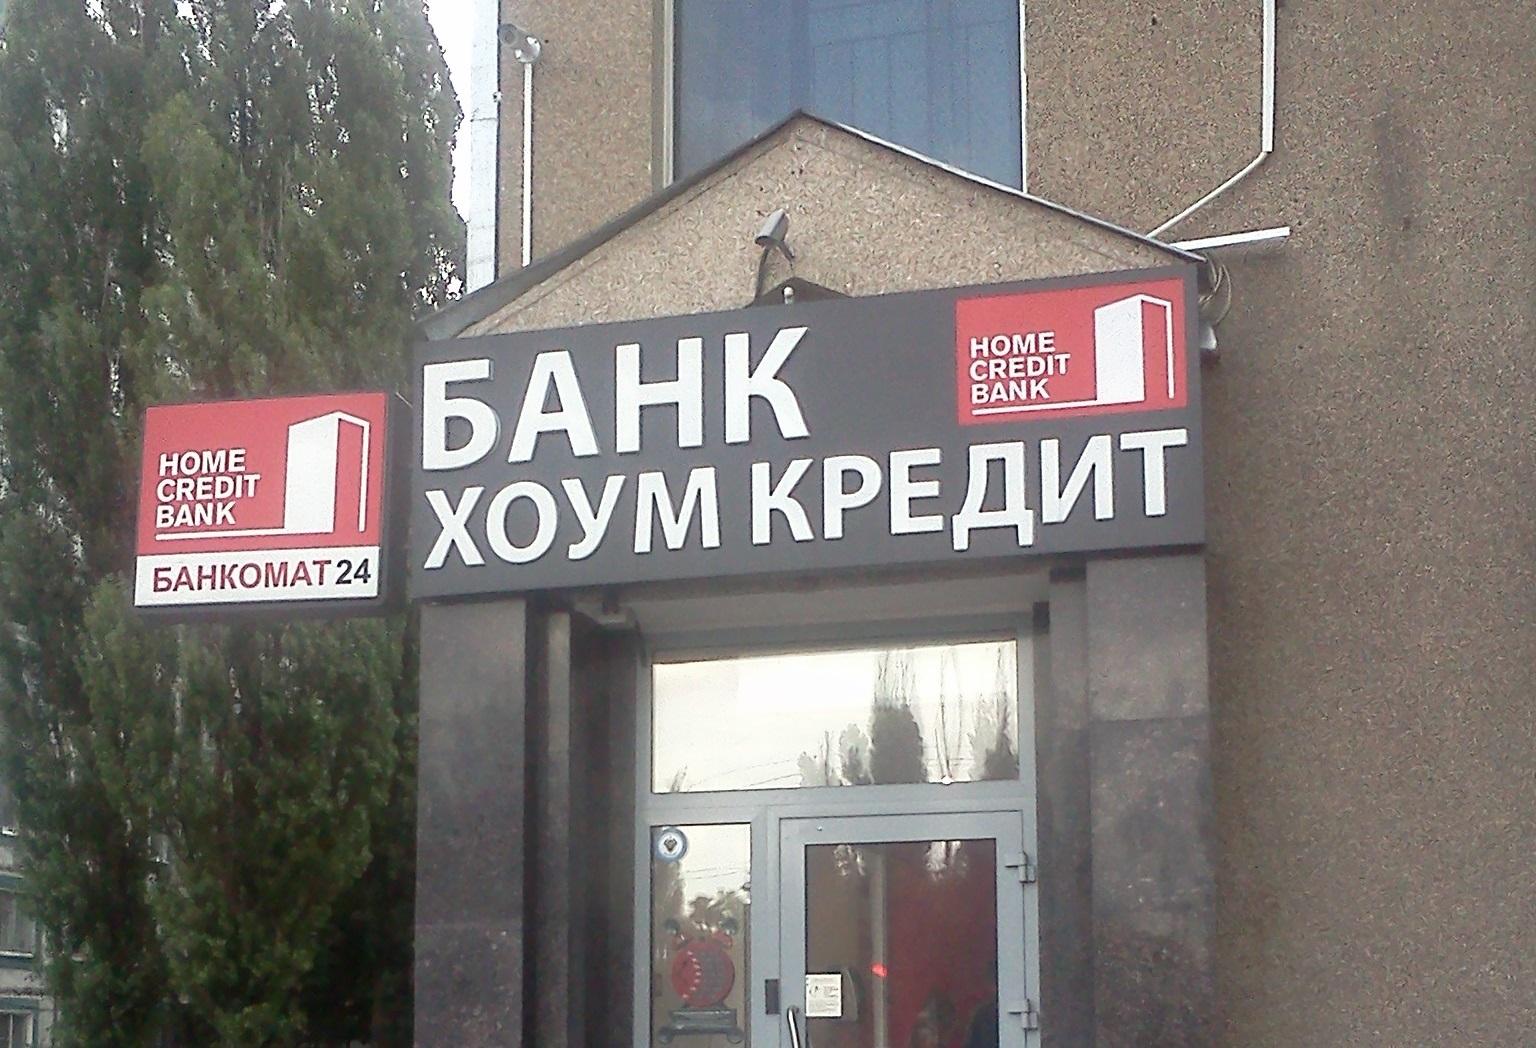 Операционный офис «Региональный центр» города Белгород